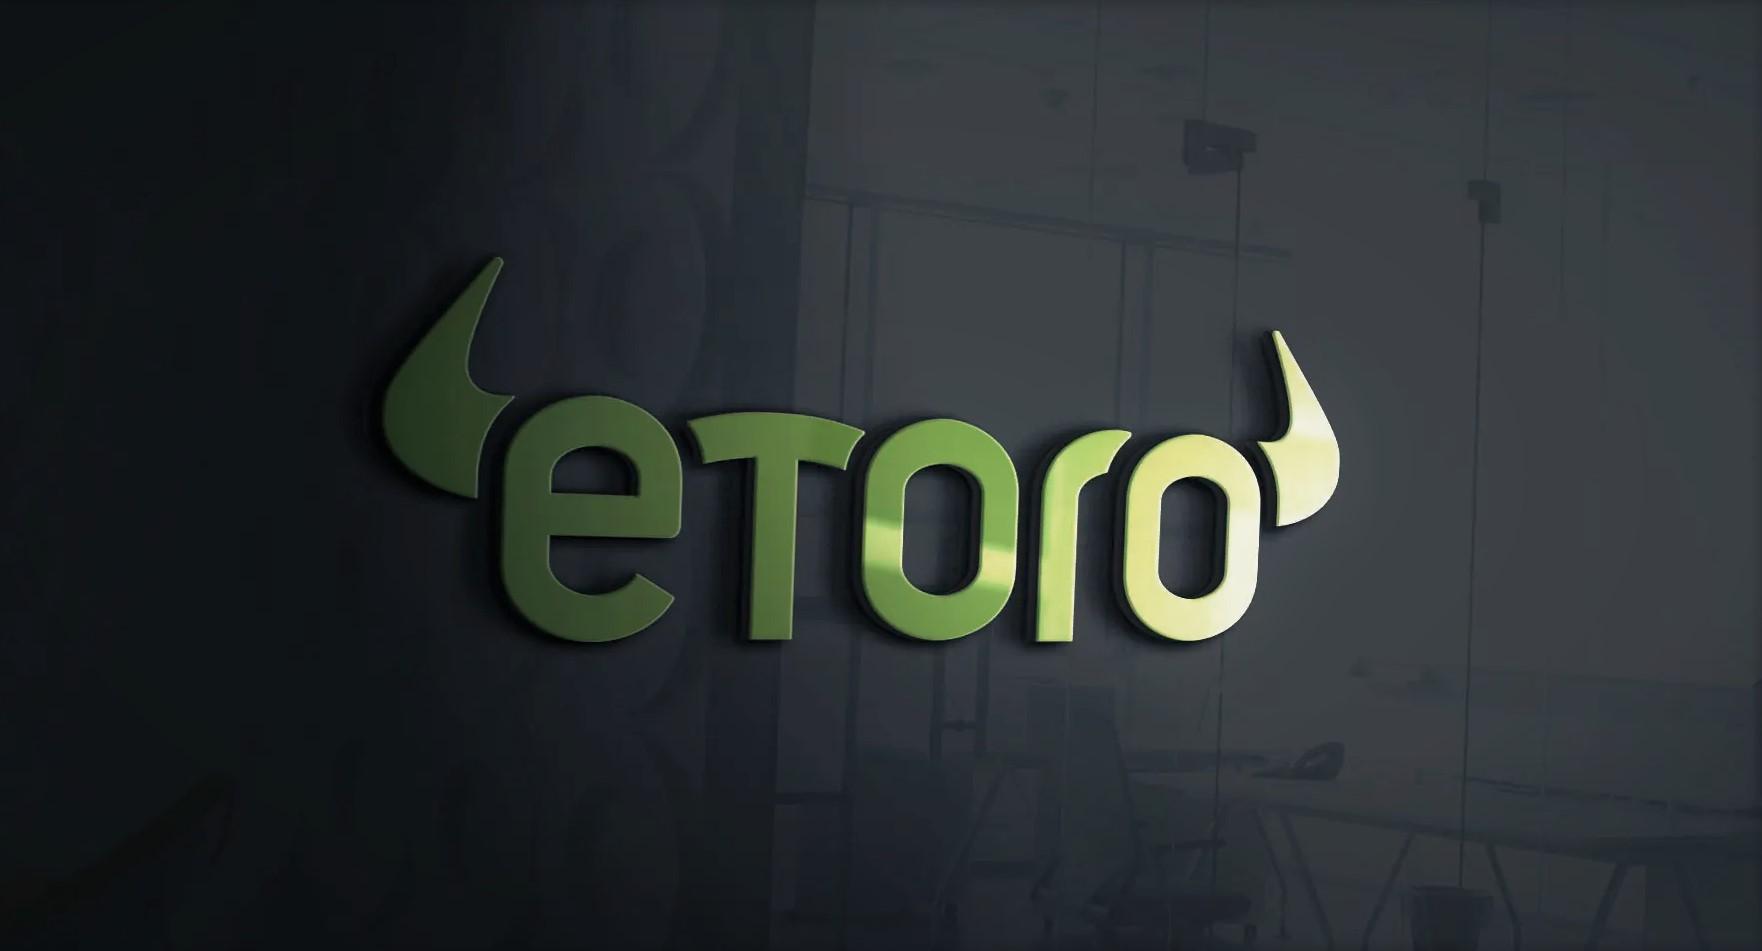 eToro became the main partner of CFR 1907 Cluj